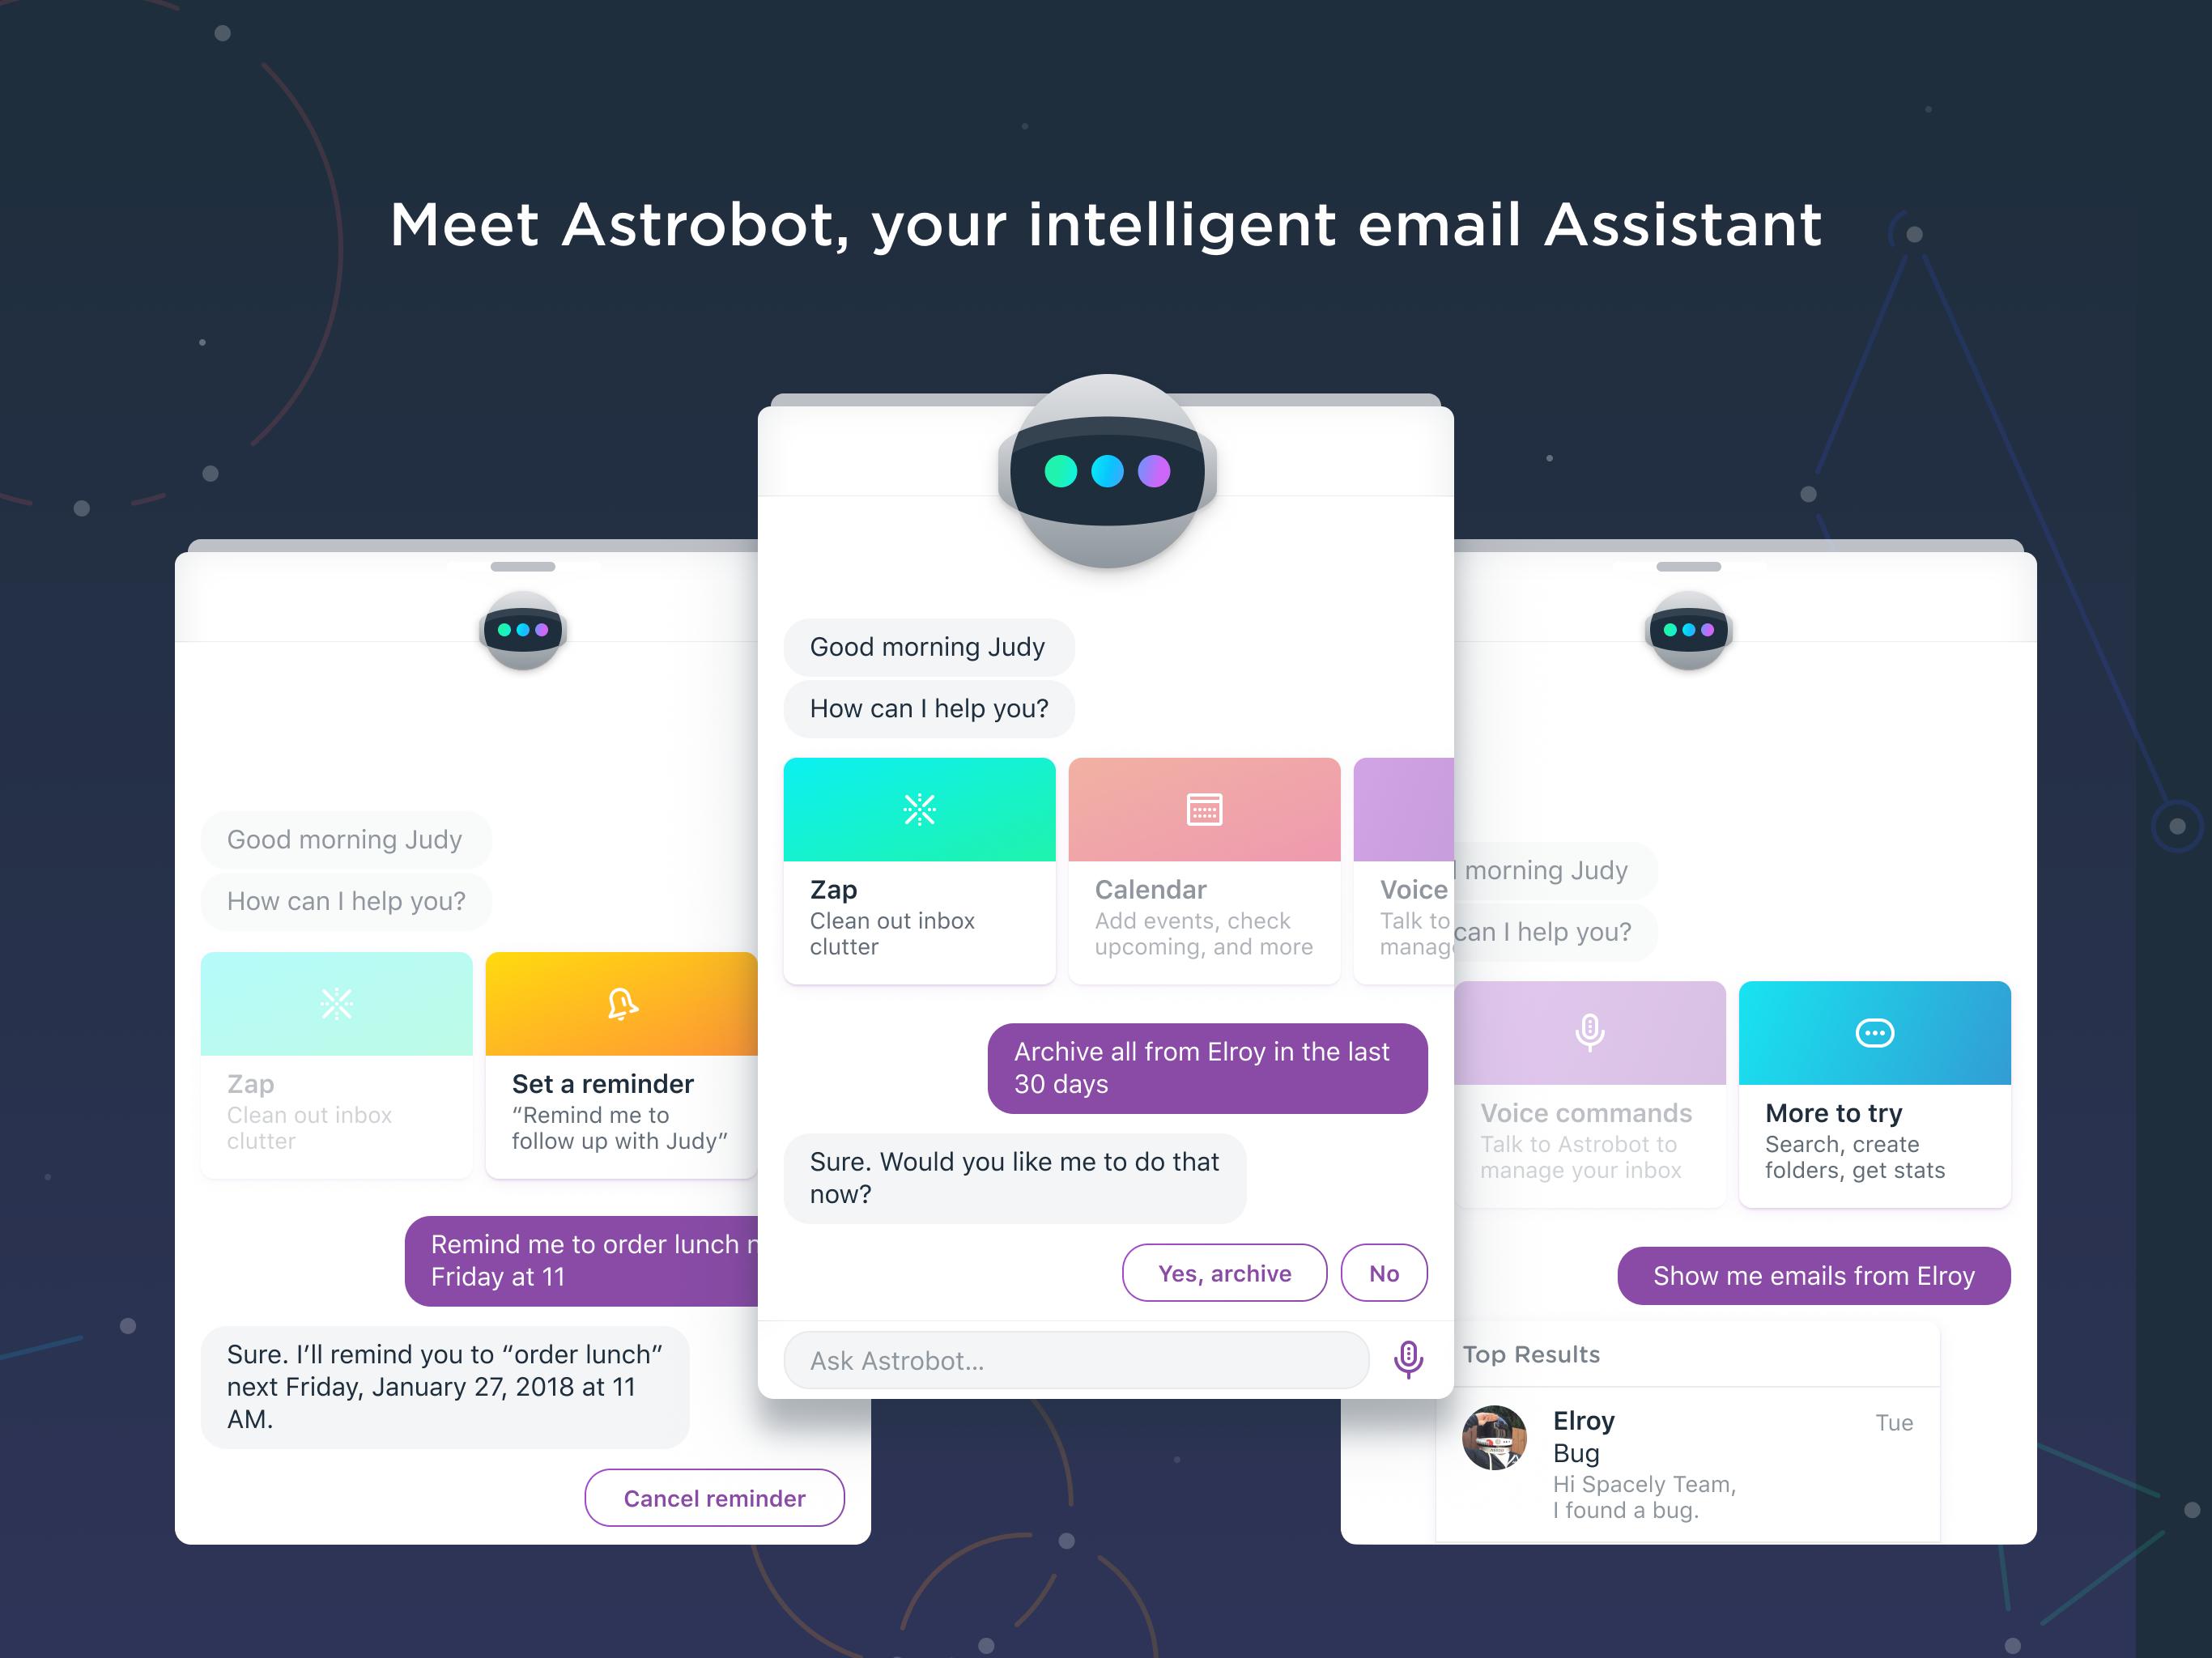 Astro Demo - Meet Astrobot